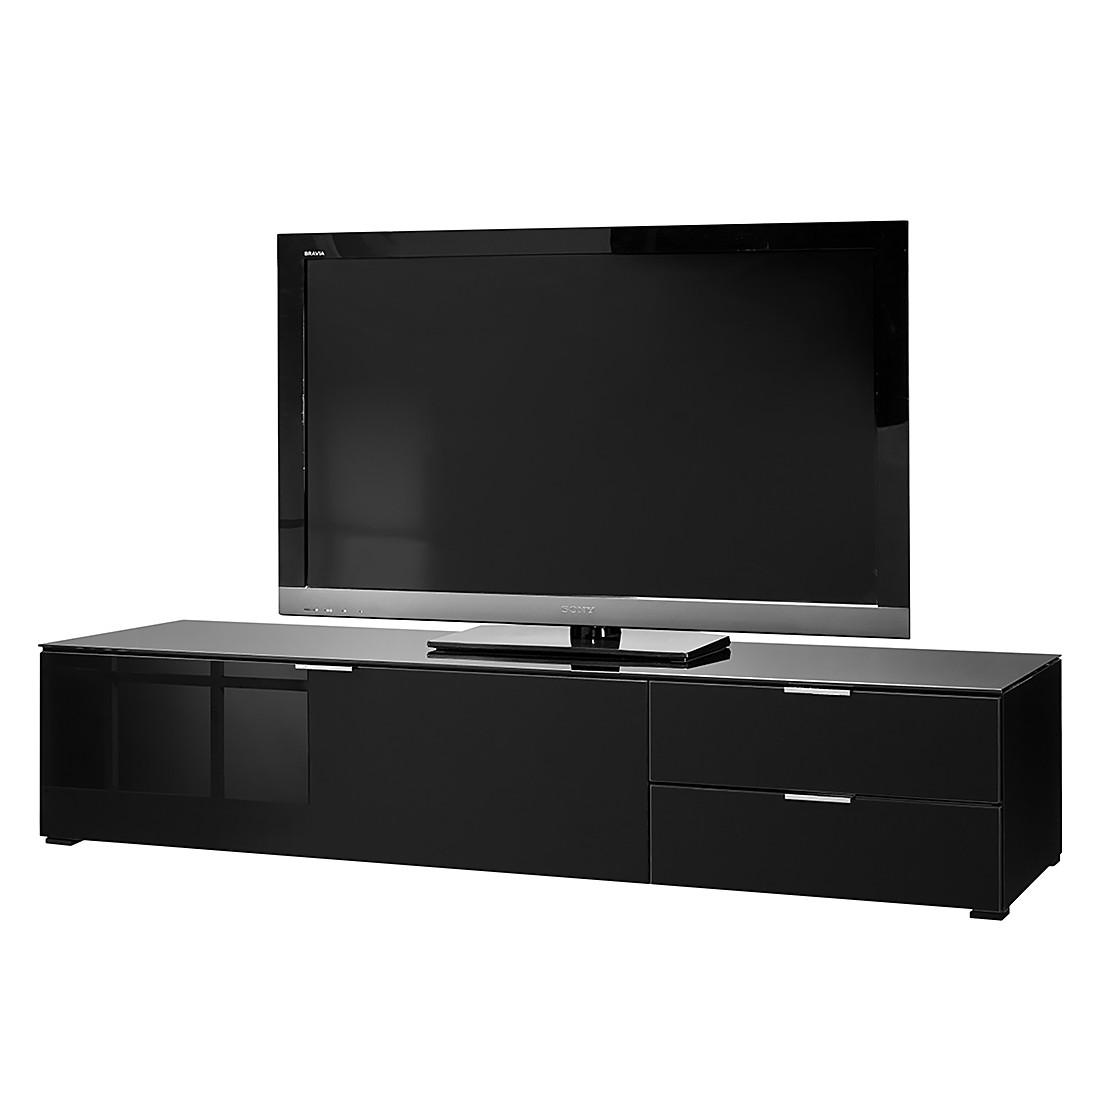 Meuble tv profondeur 50 cm noir profondeur 50 cm noir - Meuble tv hauteur 50 cm ...